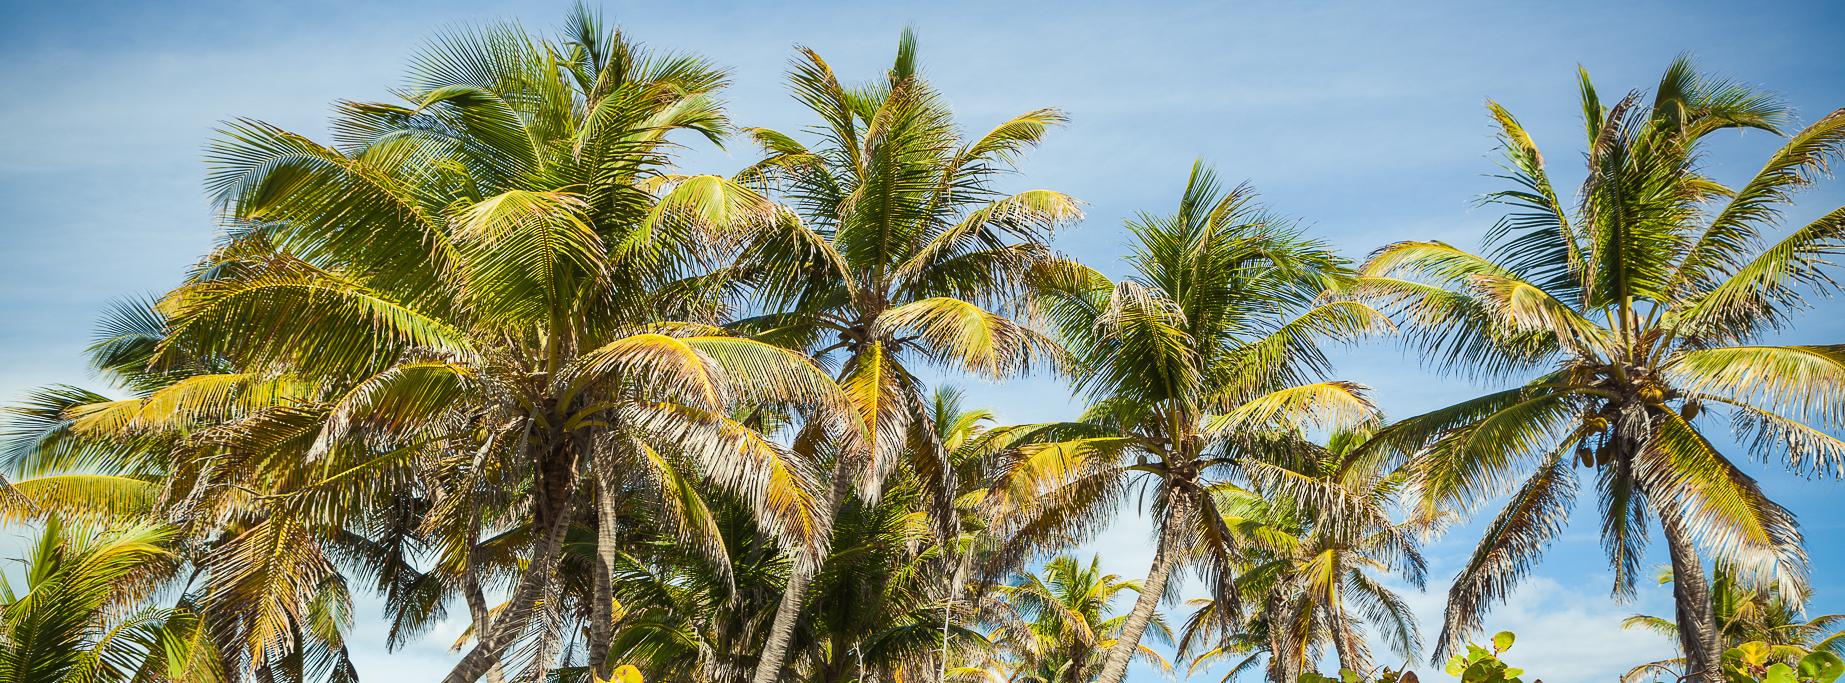 Karibik_3520_Palmen_01